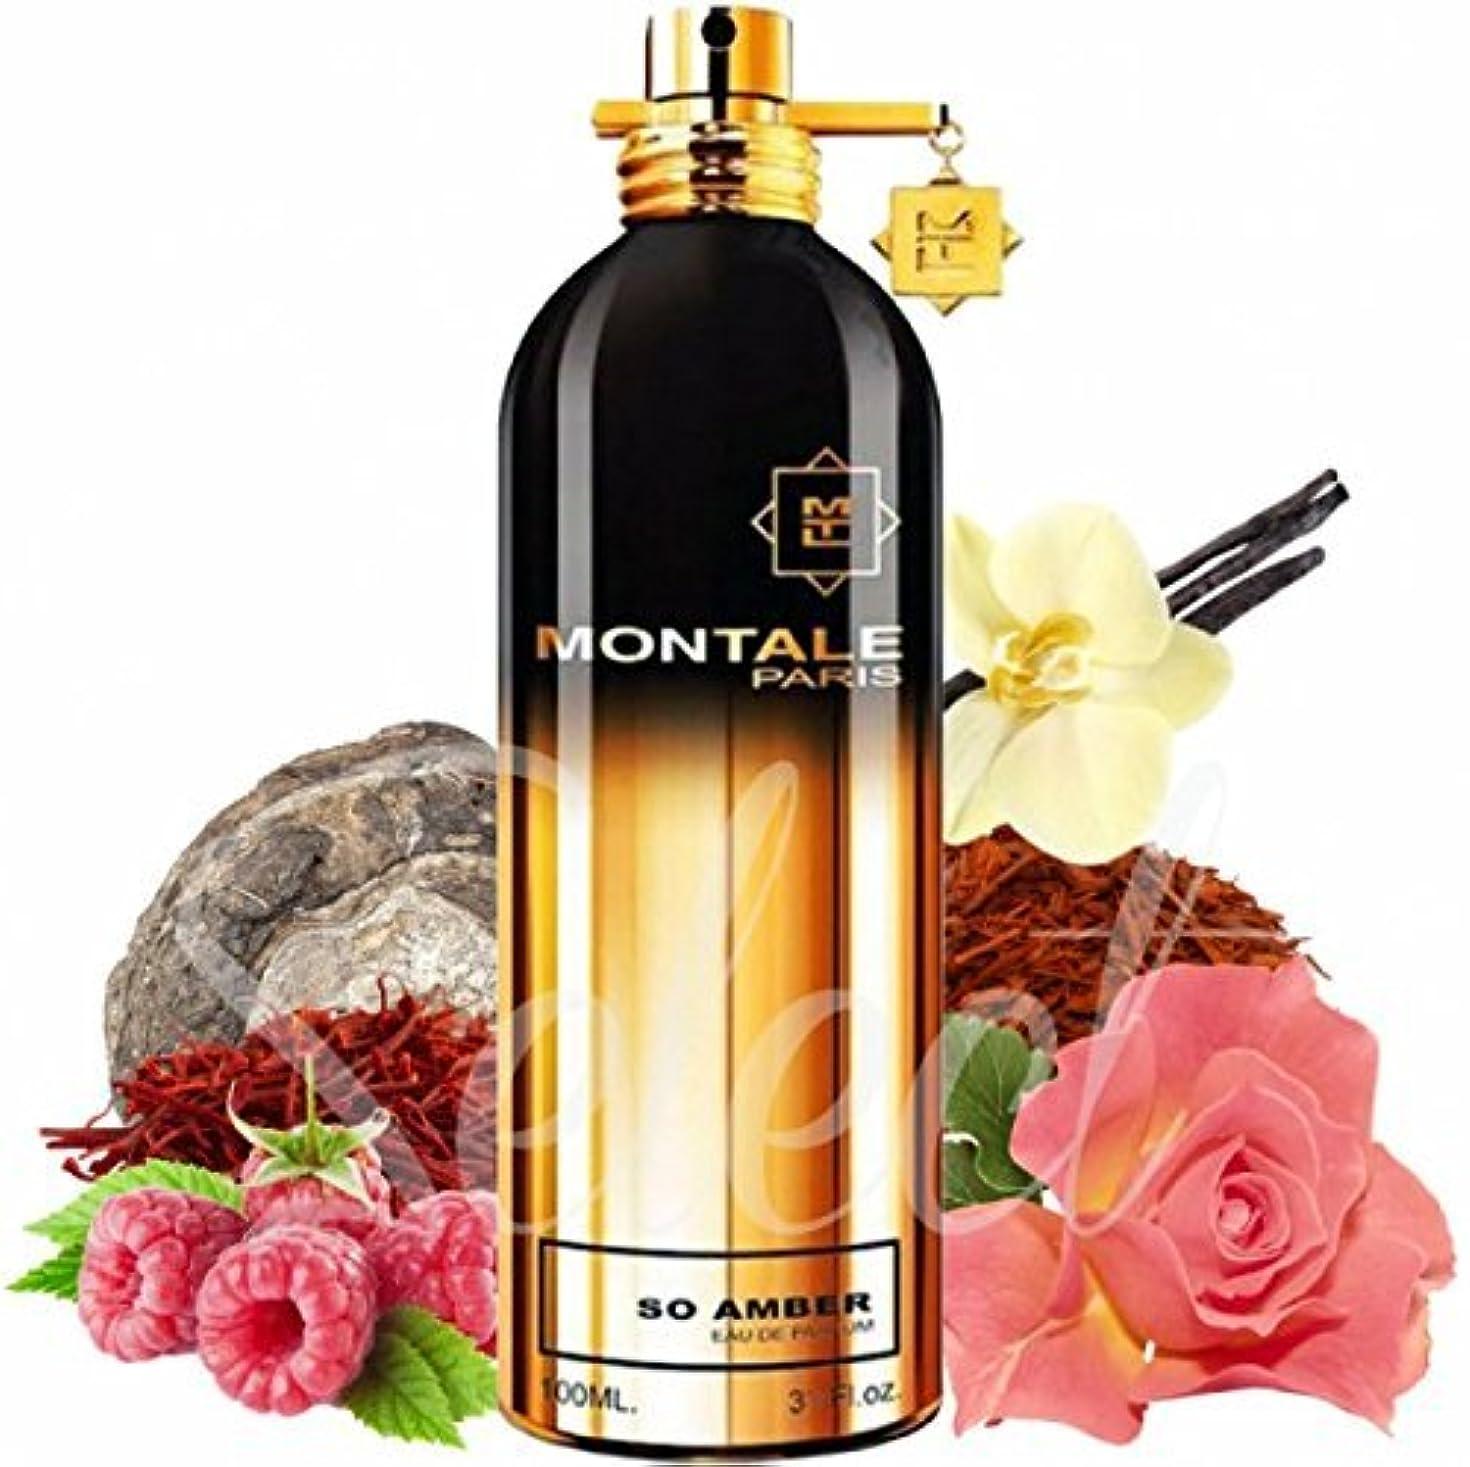 コジオスコ必要とするMONTALE SO AMBER Eau de Perfume 100ml Made in France 100% 本物モンターレように琥珀オードトワレ香水 100 ml フランス製 +2サンプル無料! + 30 mlスキンケア無料!